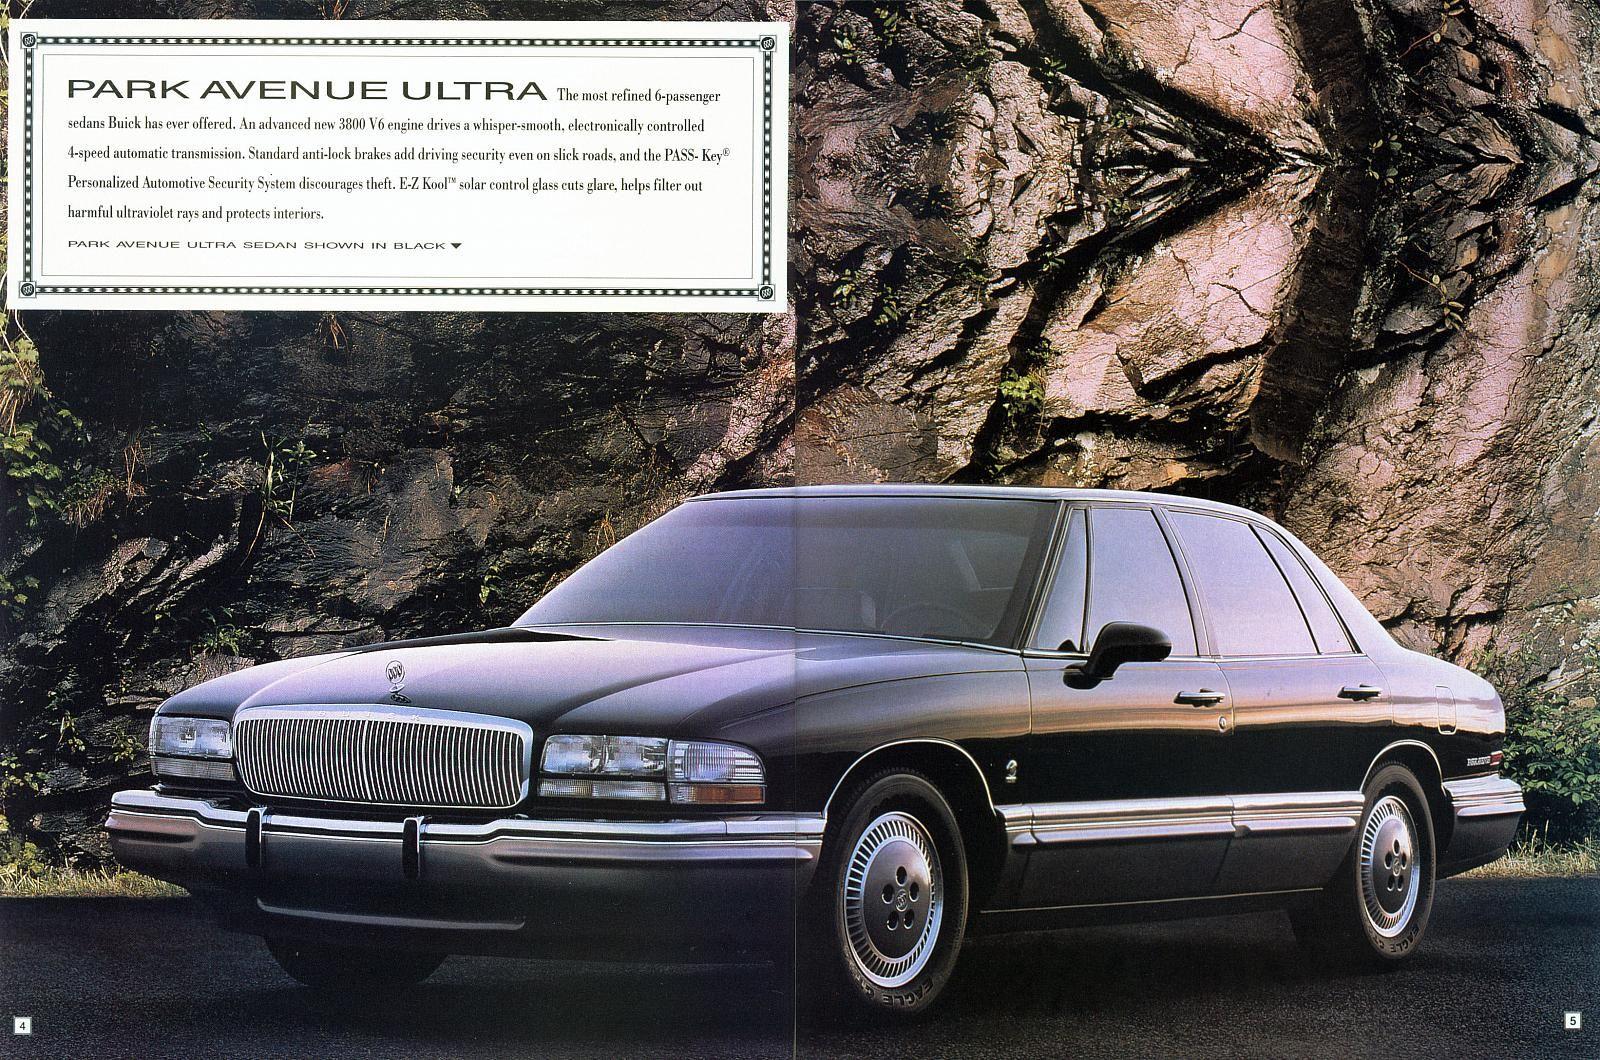 1991 Buick Park Avenue Ultra Sedan Buick Park Avenue Buick